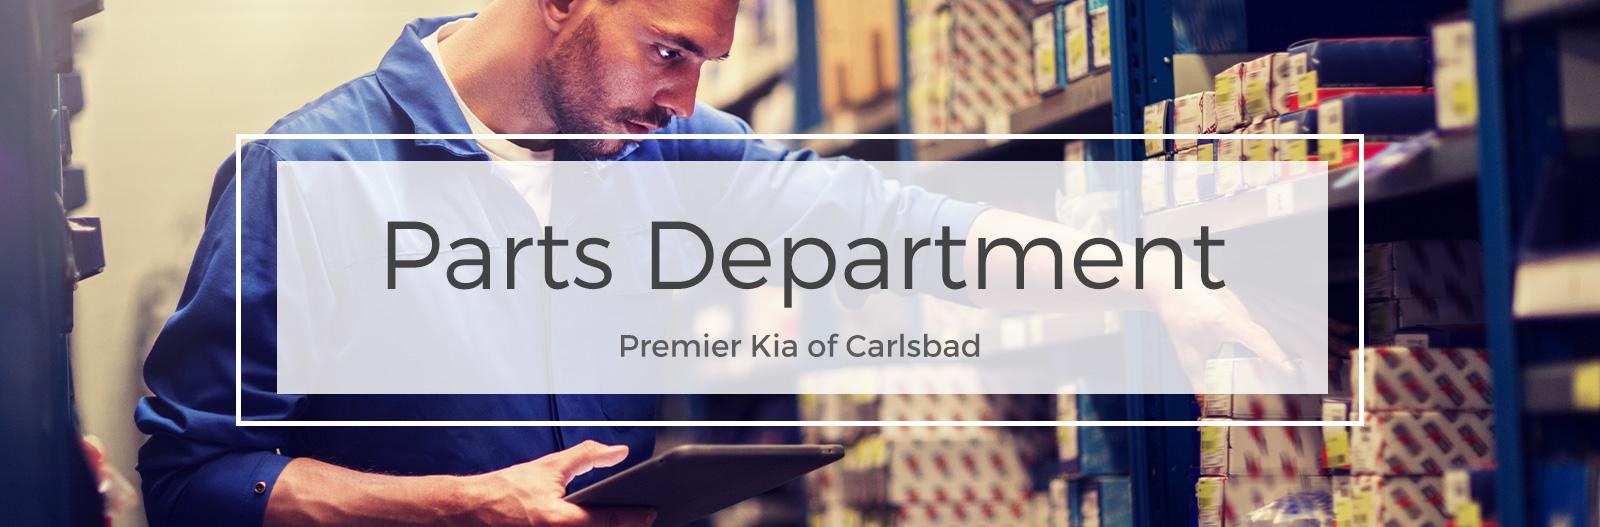 Parts Center at Premier Kia of Carlsbad